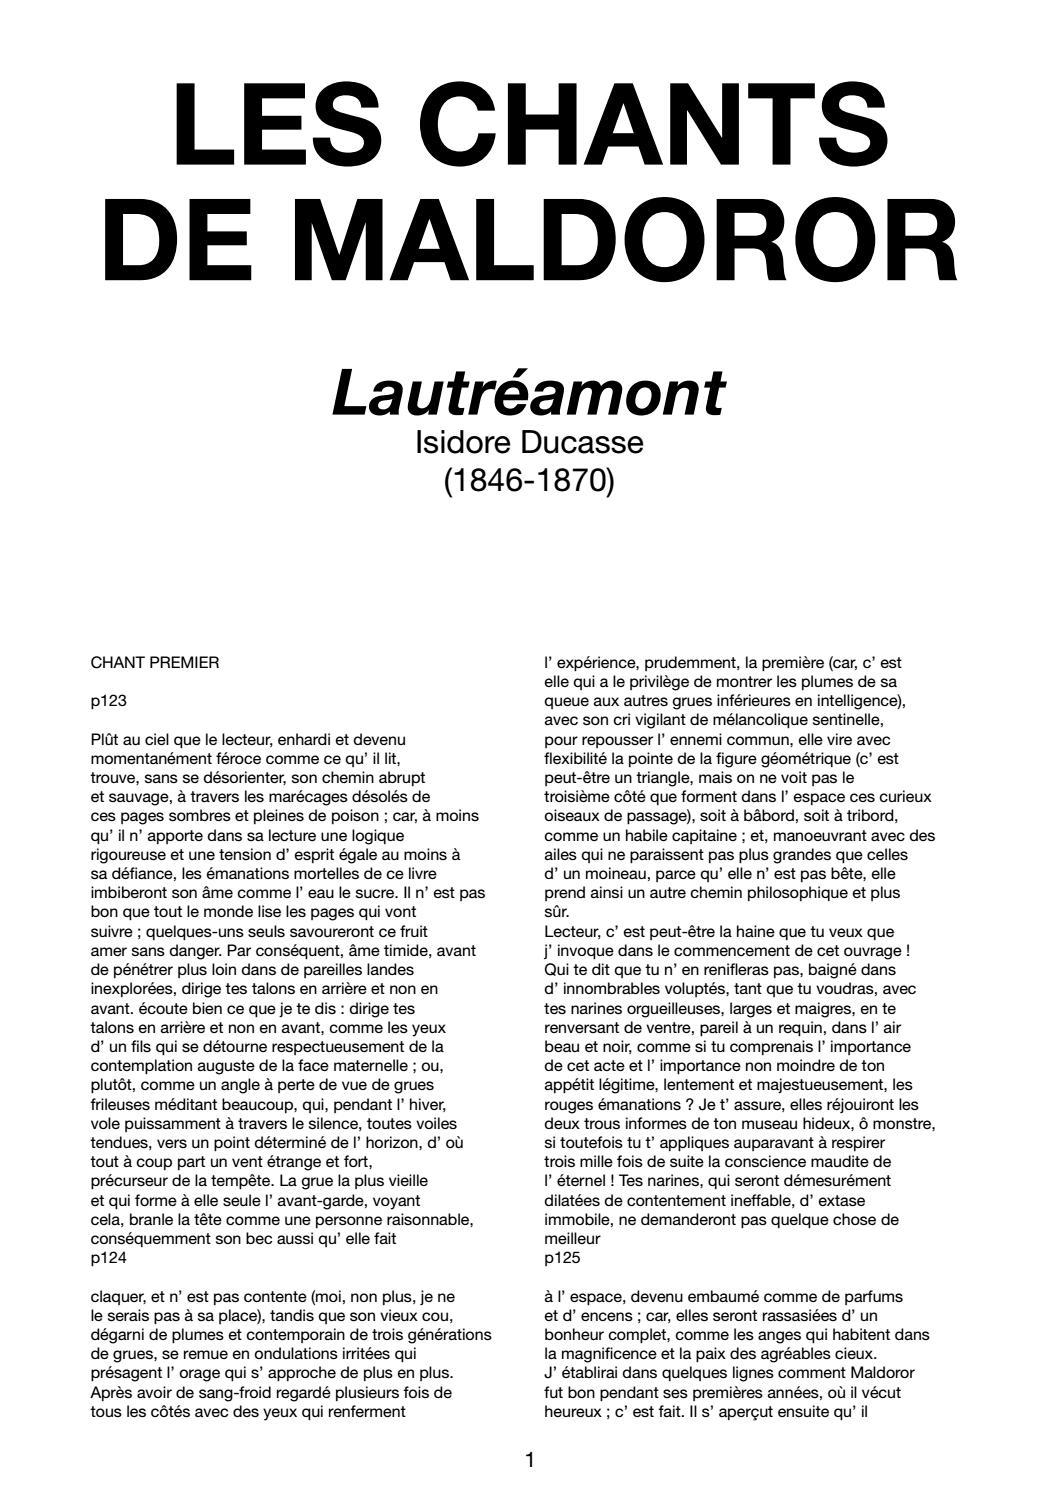 LES CHANTS DE MALDOROR Lautréamont par Isidore Ducasse by  casserdesbriques.com - issuu 70a7af699ef